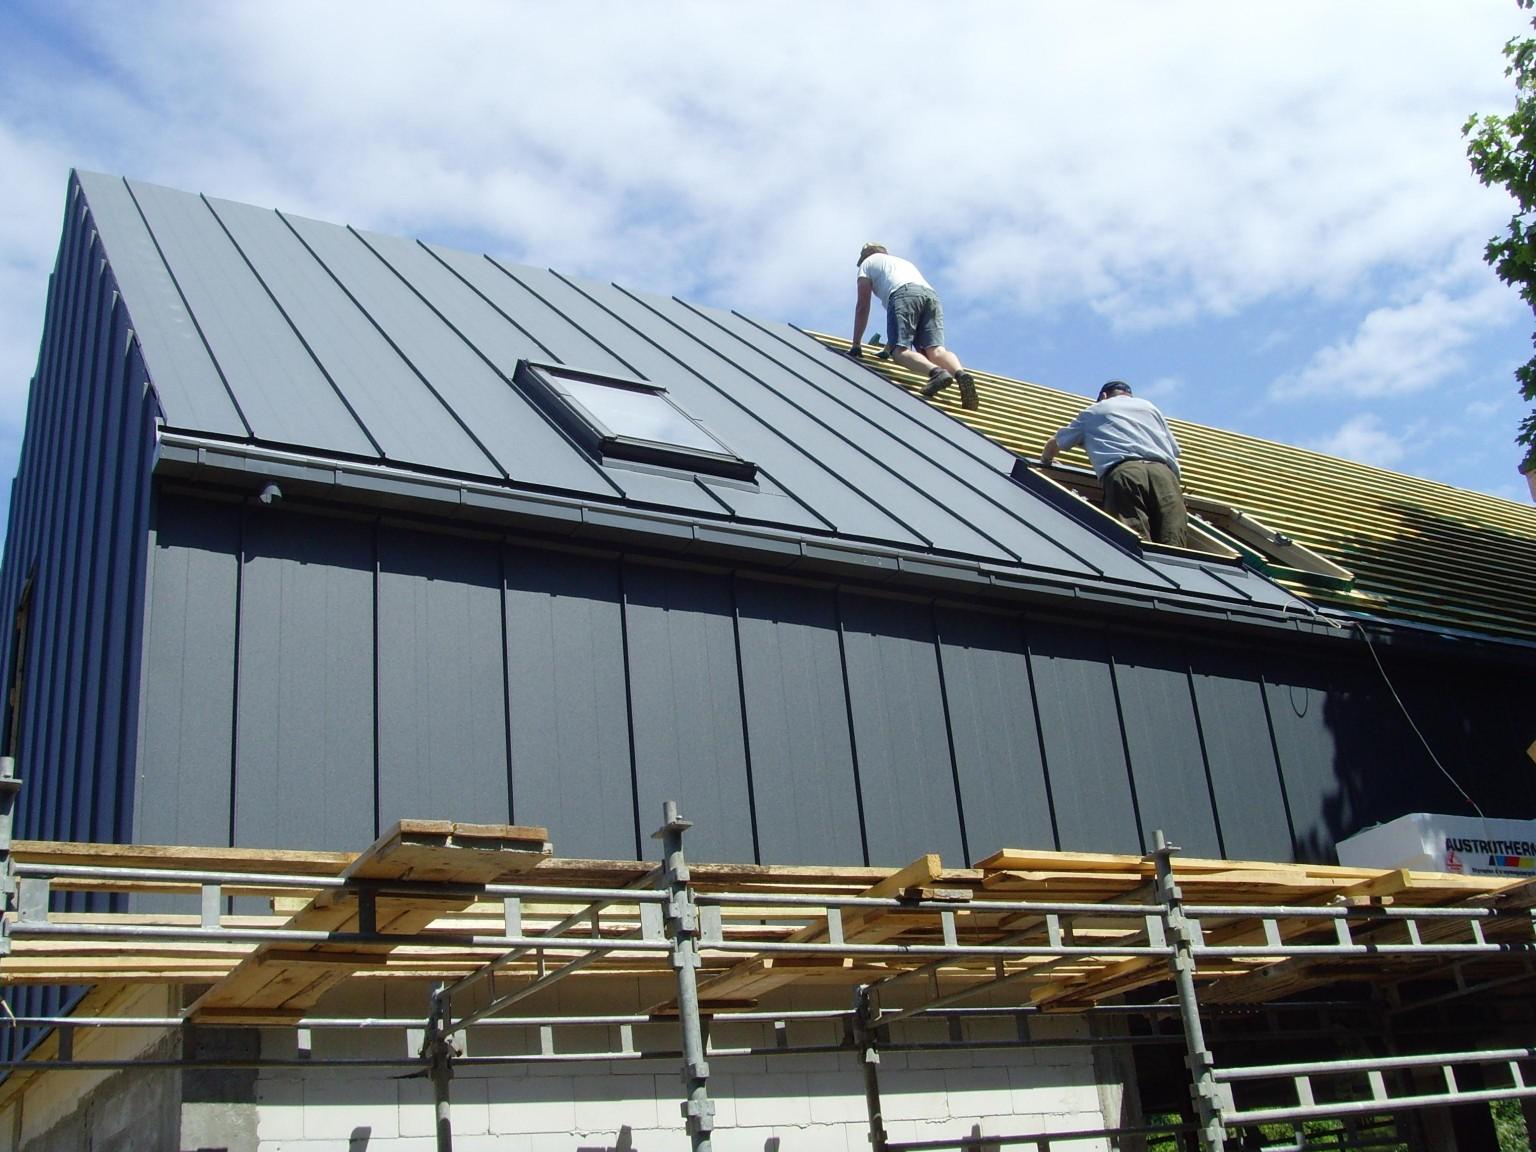 wykonywanie pokrycia dachu